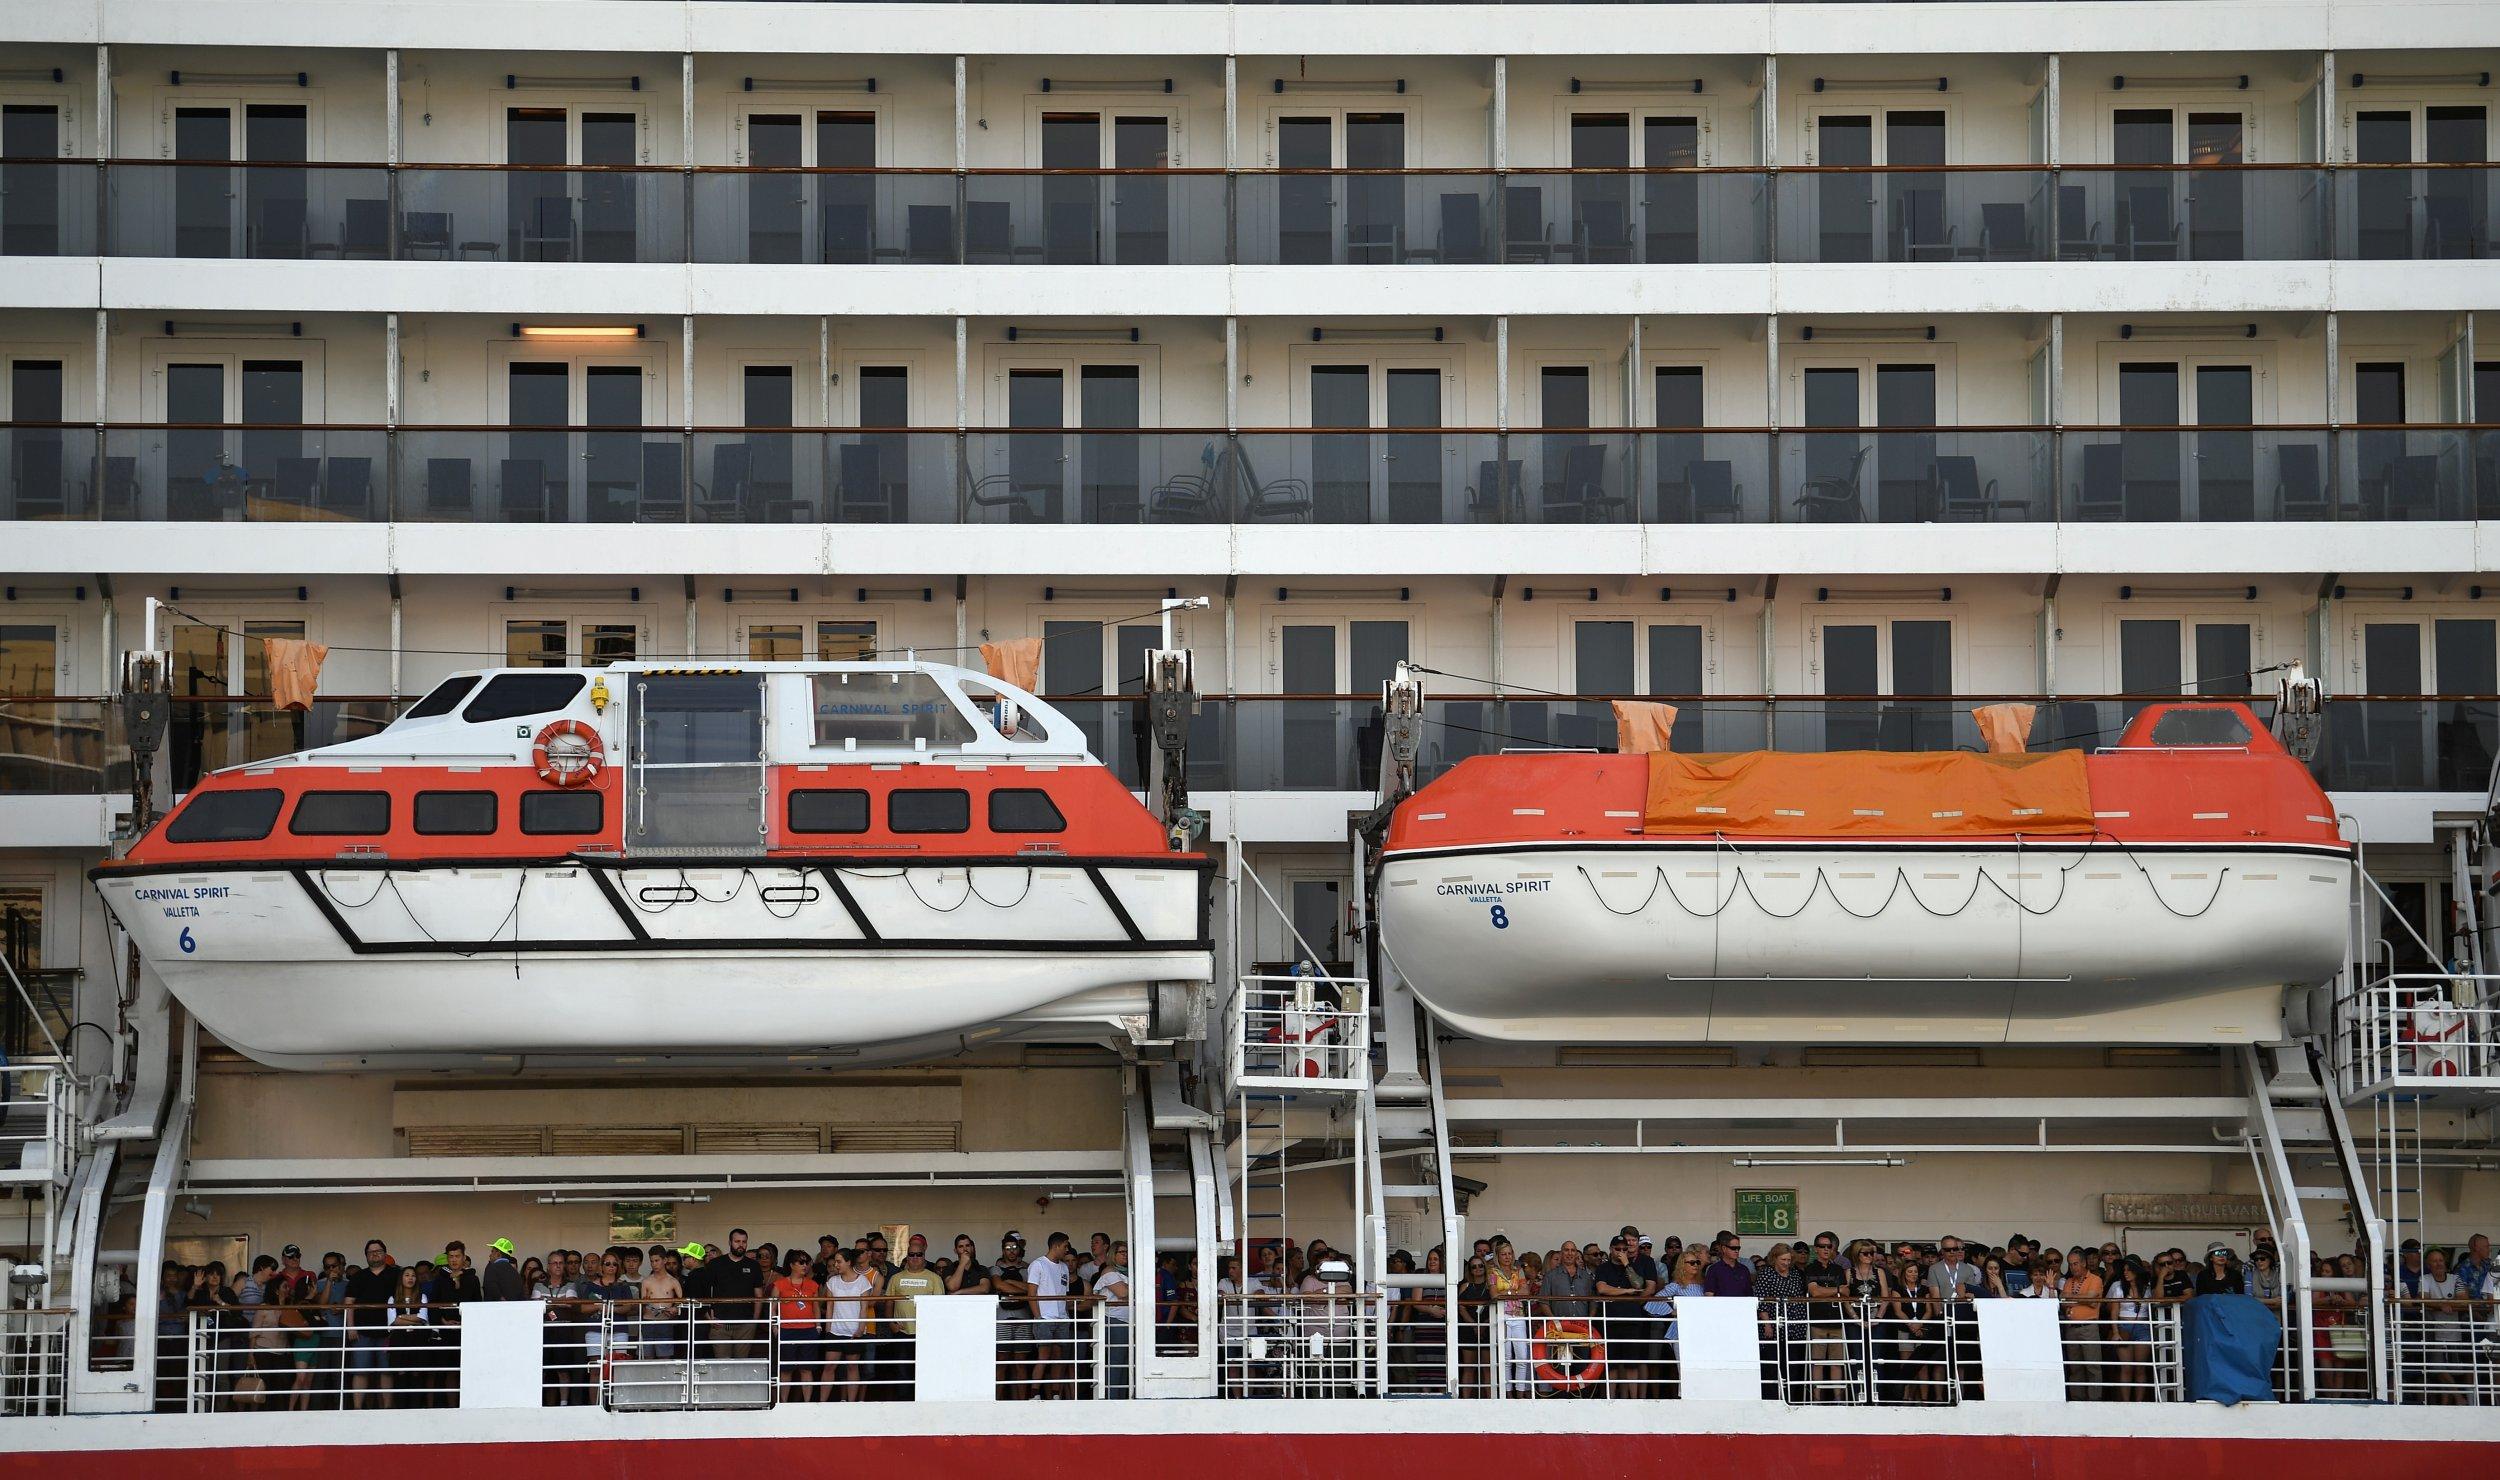 12_11_Cruise ship